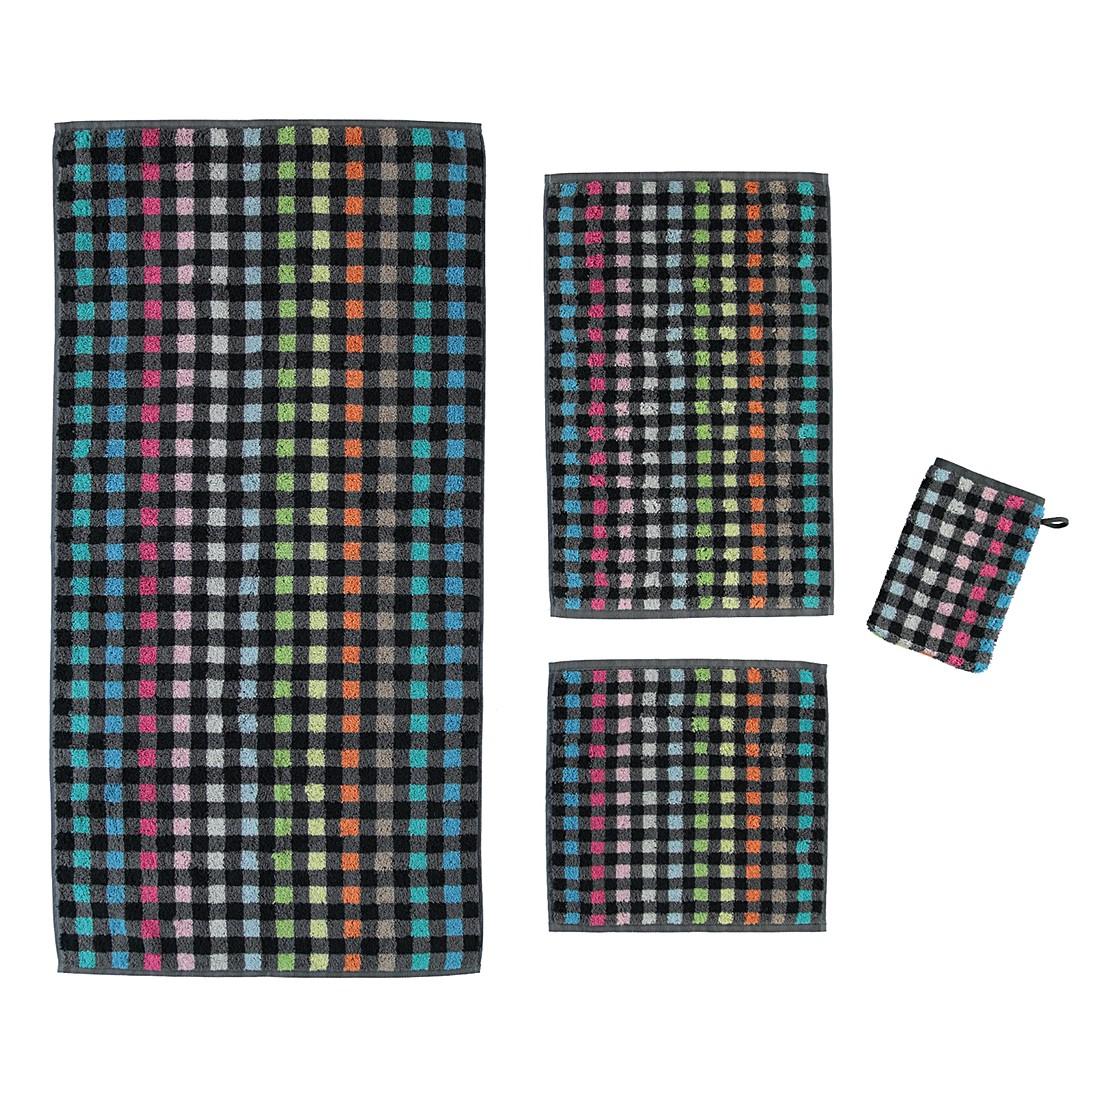 Handtücher Loft Karo 516 – Baumwolle – Multicolor – Waschhandschuh 16×22 cm, Cawö günstig kaufen